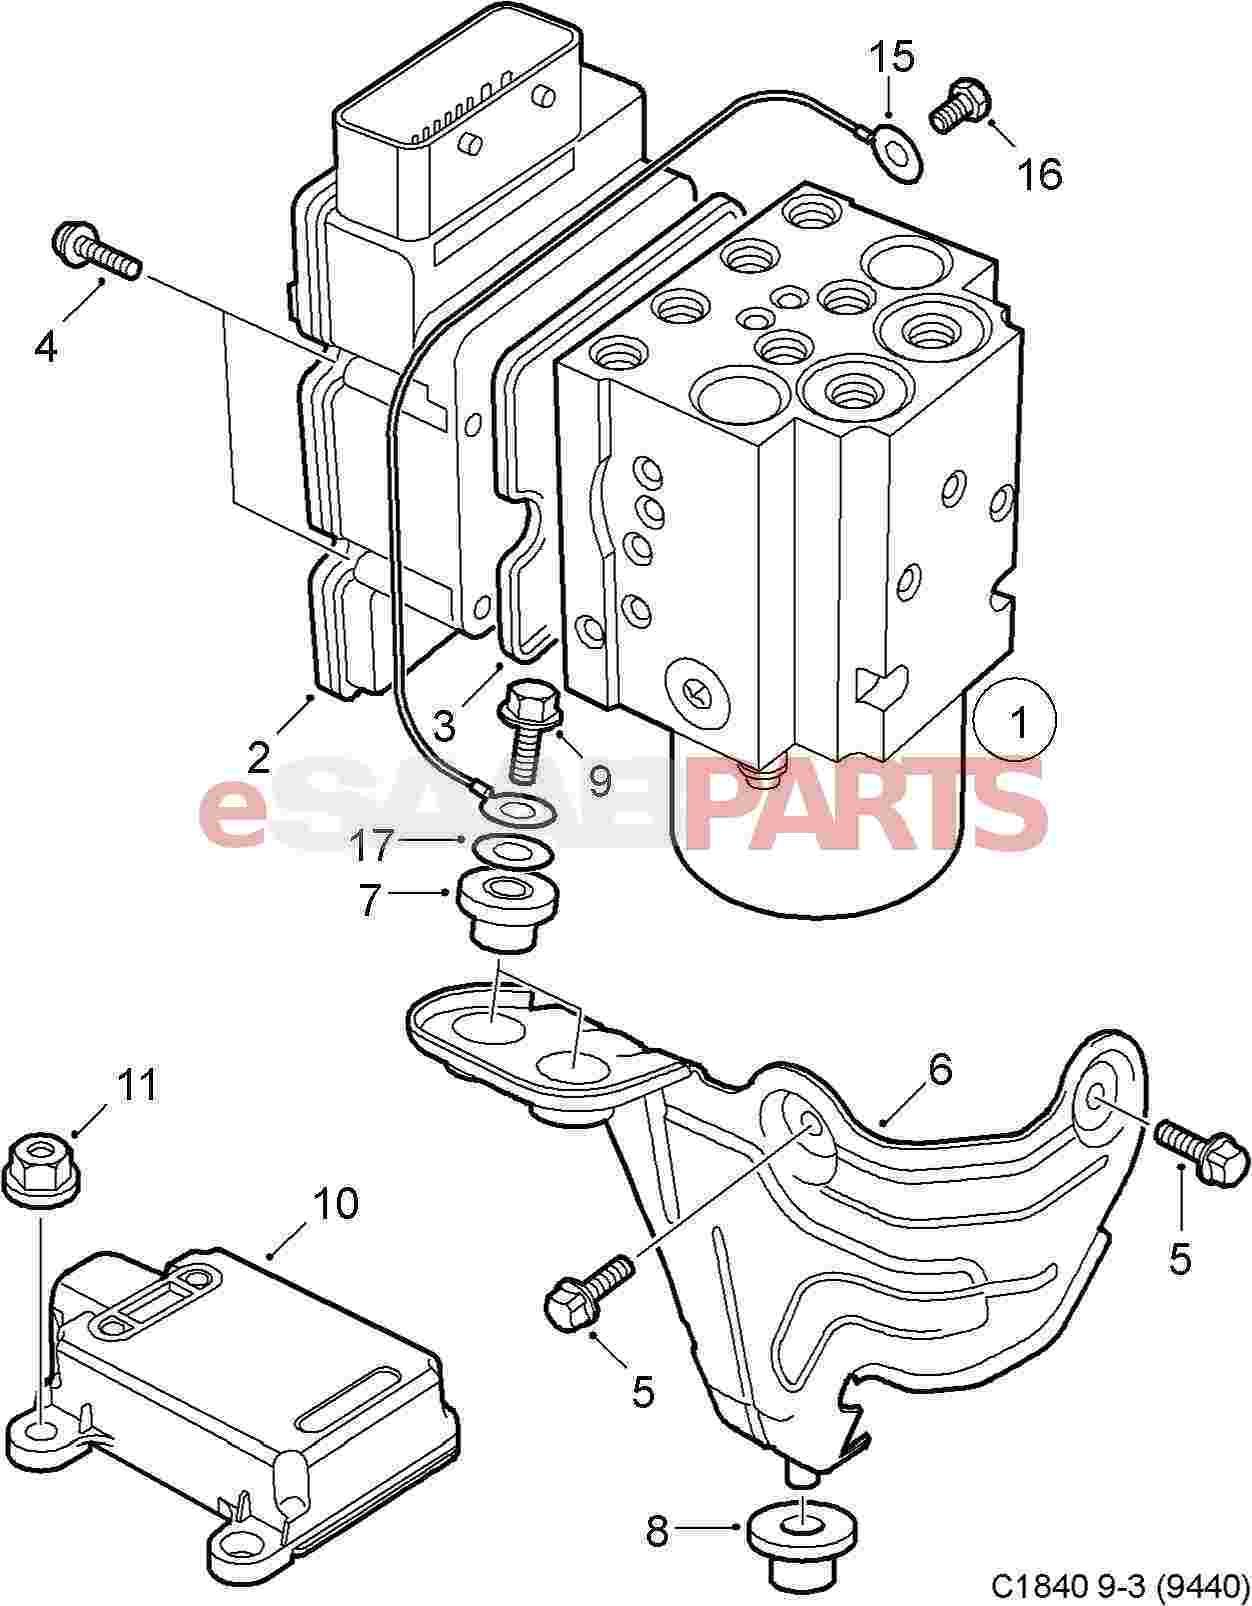 Diagram image 11